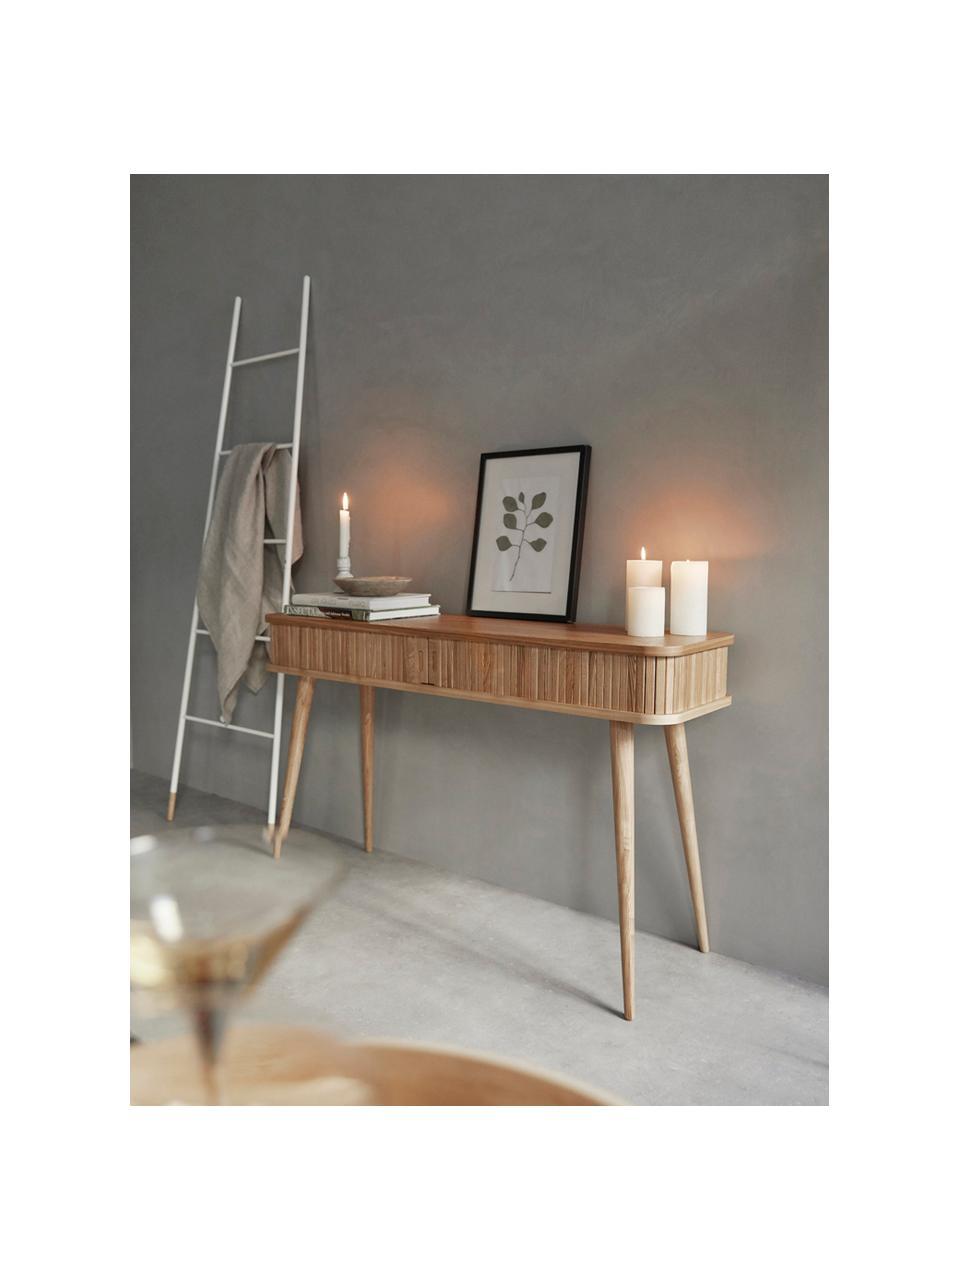 Houten bijzettafel Barbier met opbergruimte en geribbelde voorzijde, Frame: MDF, essenhoutfineer, Frame: bruin Schuifdeuren en poten: houtkleurig, 120 x 35 cm